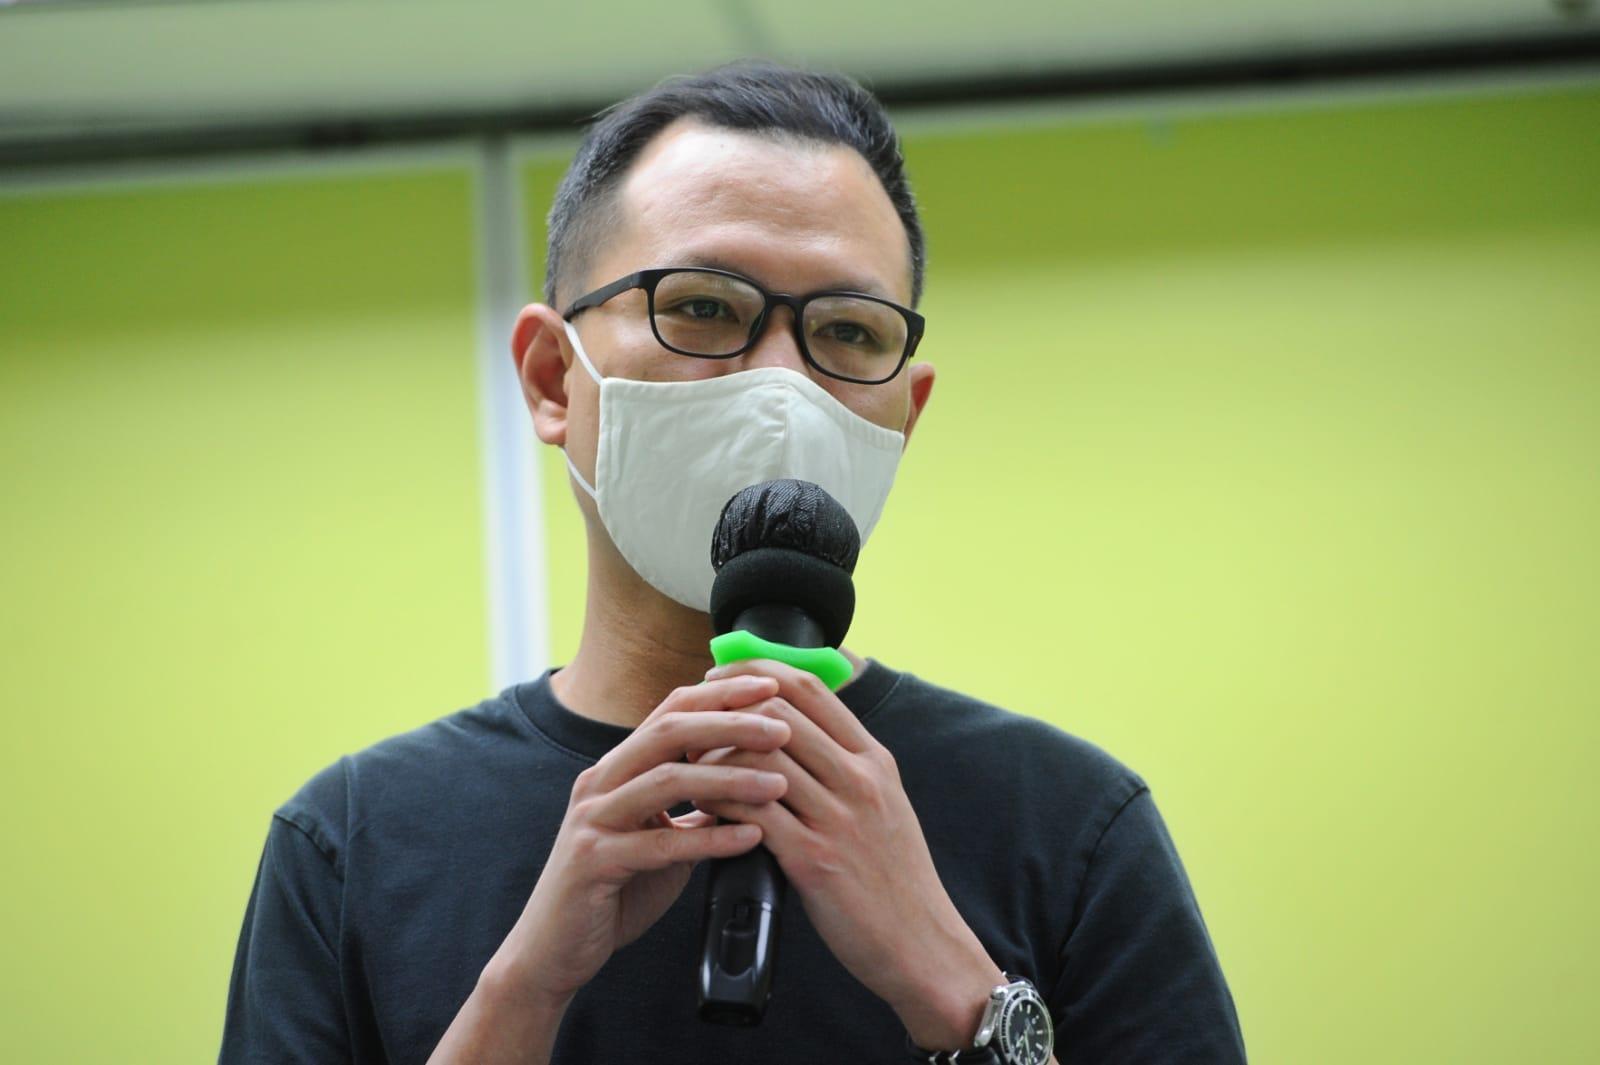 郭榮鏗表示,「港版國安法」生效,旁證、佐證全部是中共的人,司法獨立蕩然無存。(宋碧龍/大紀元)